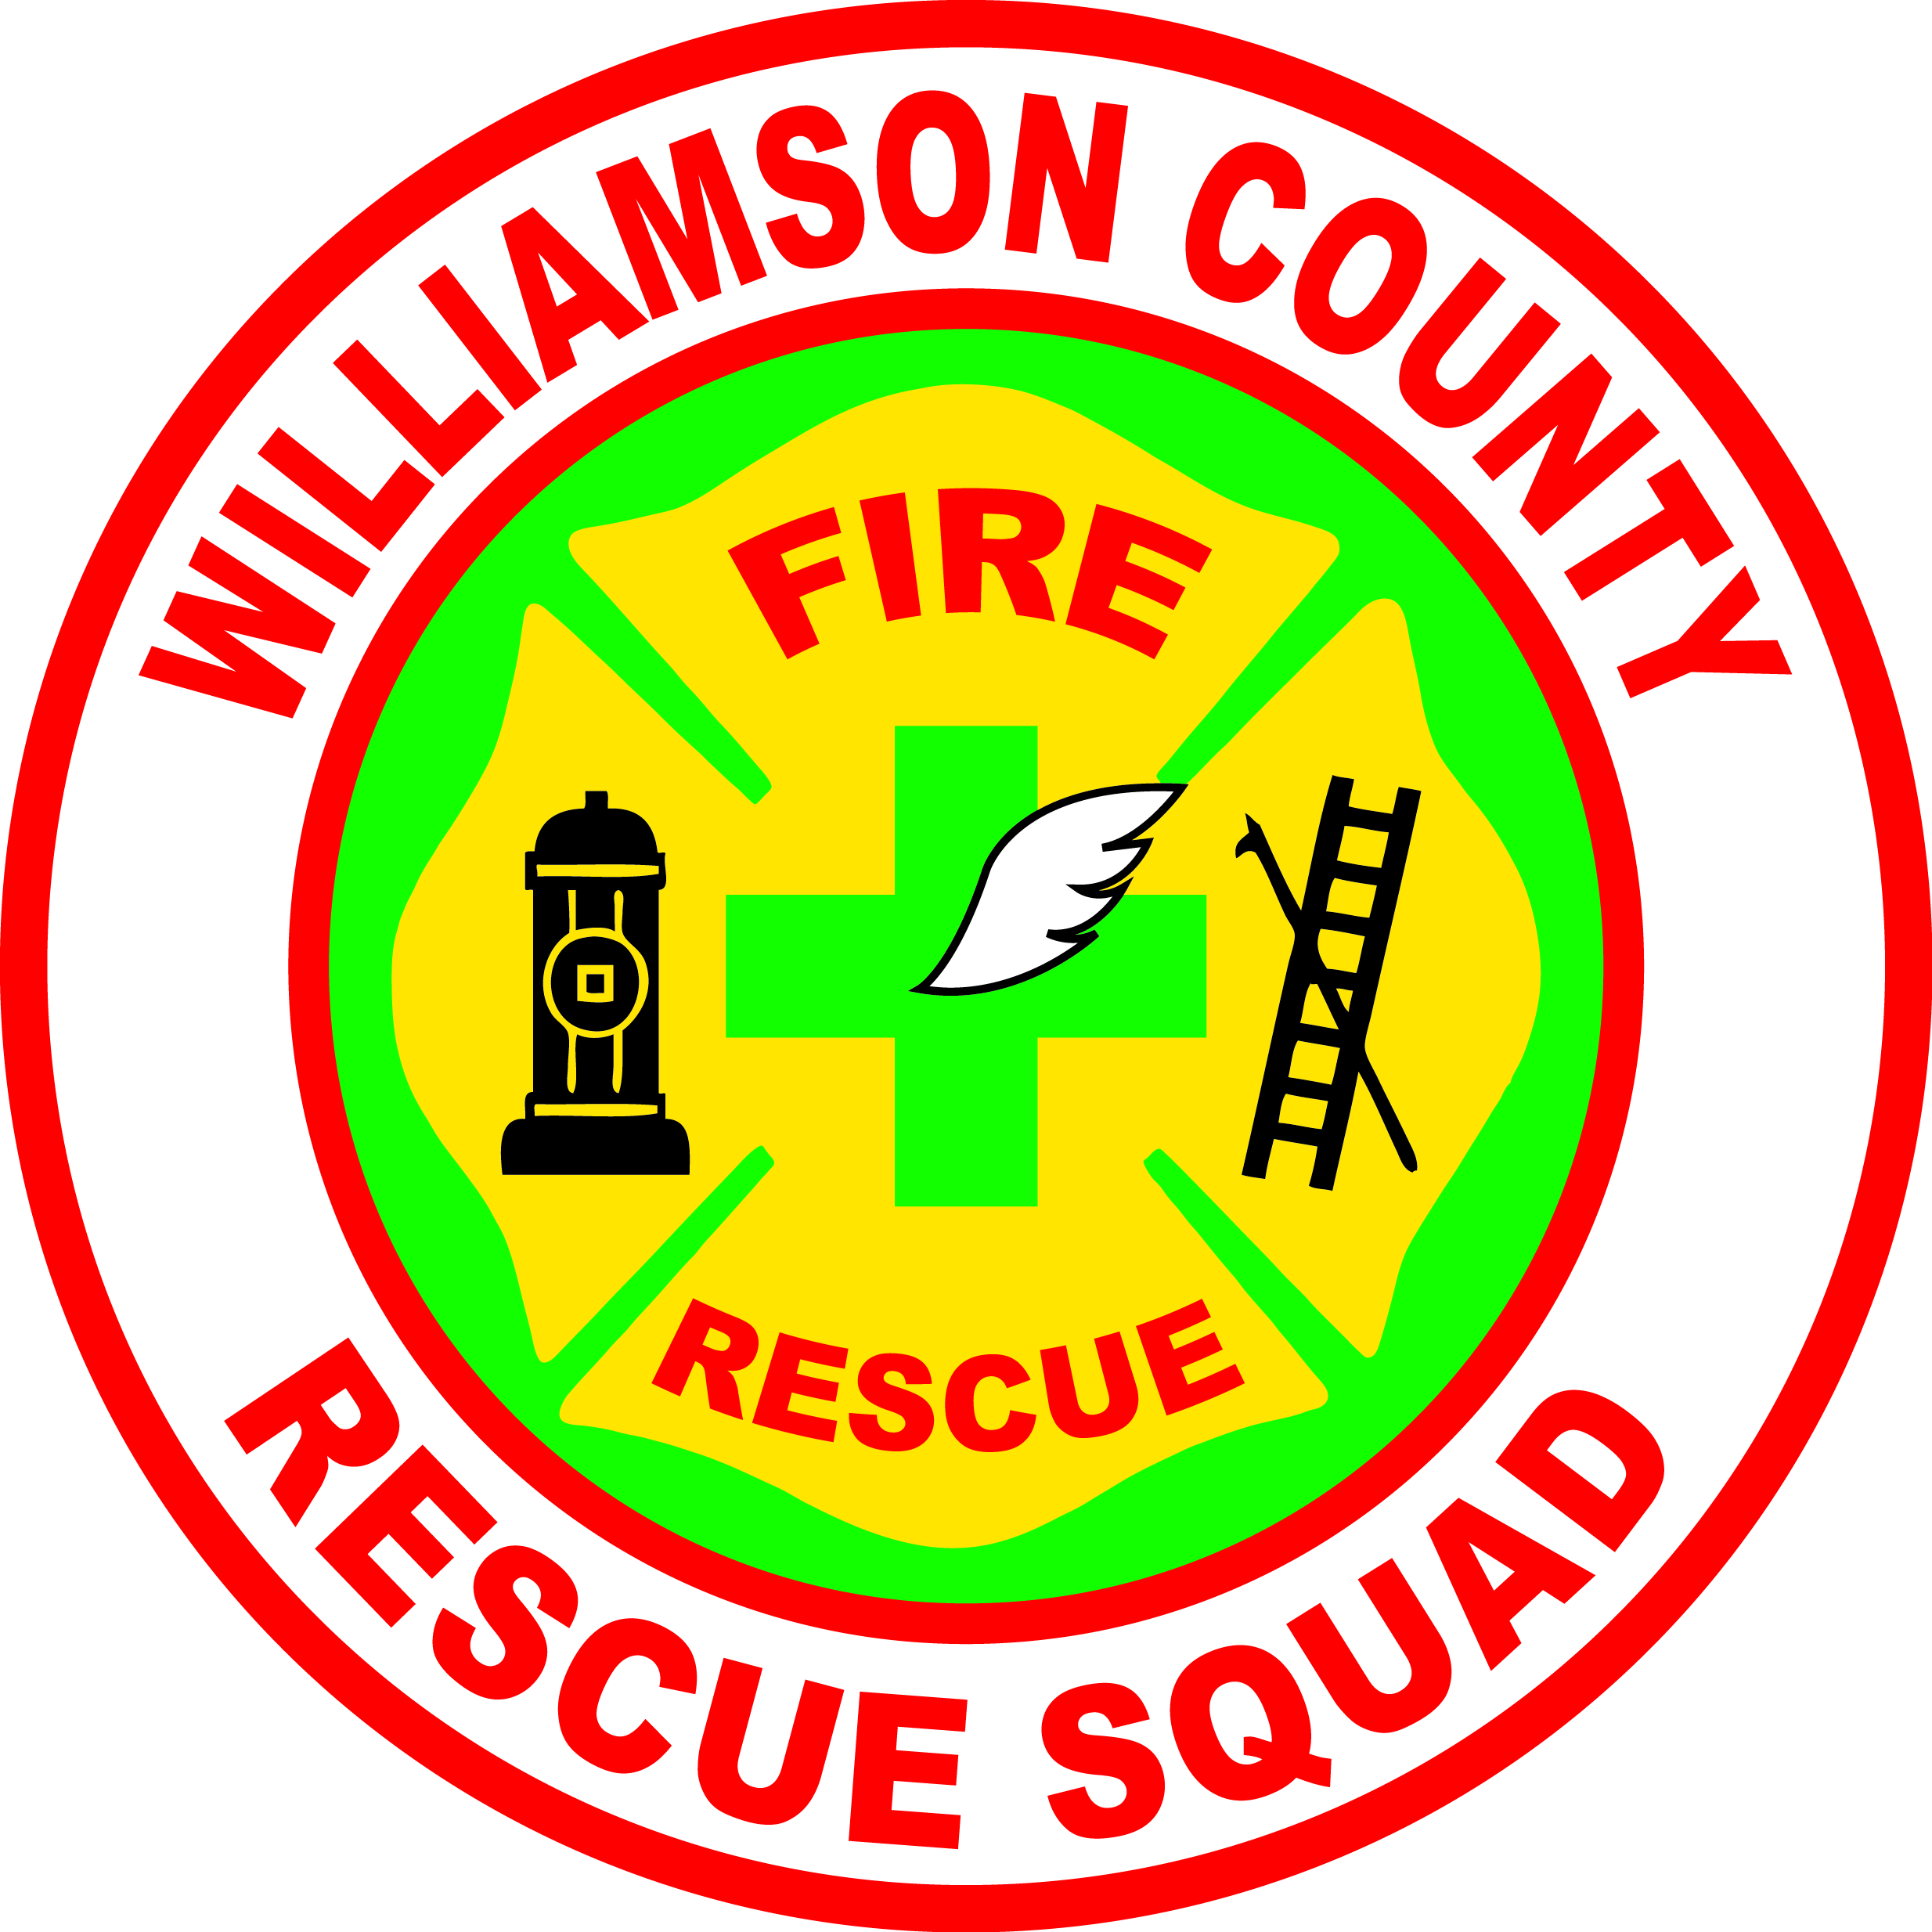 WCRS_Official_Logo.jpg